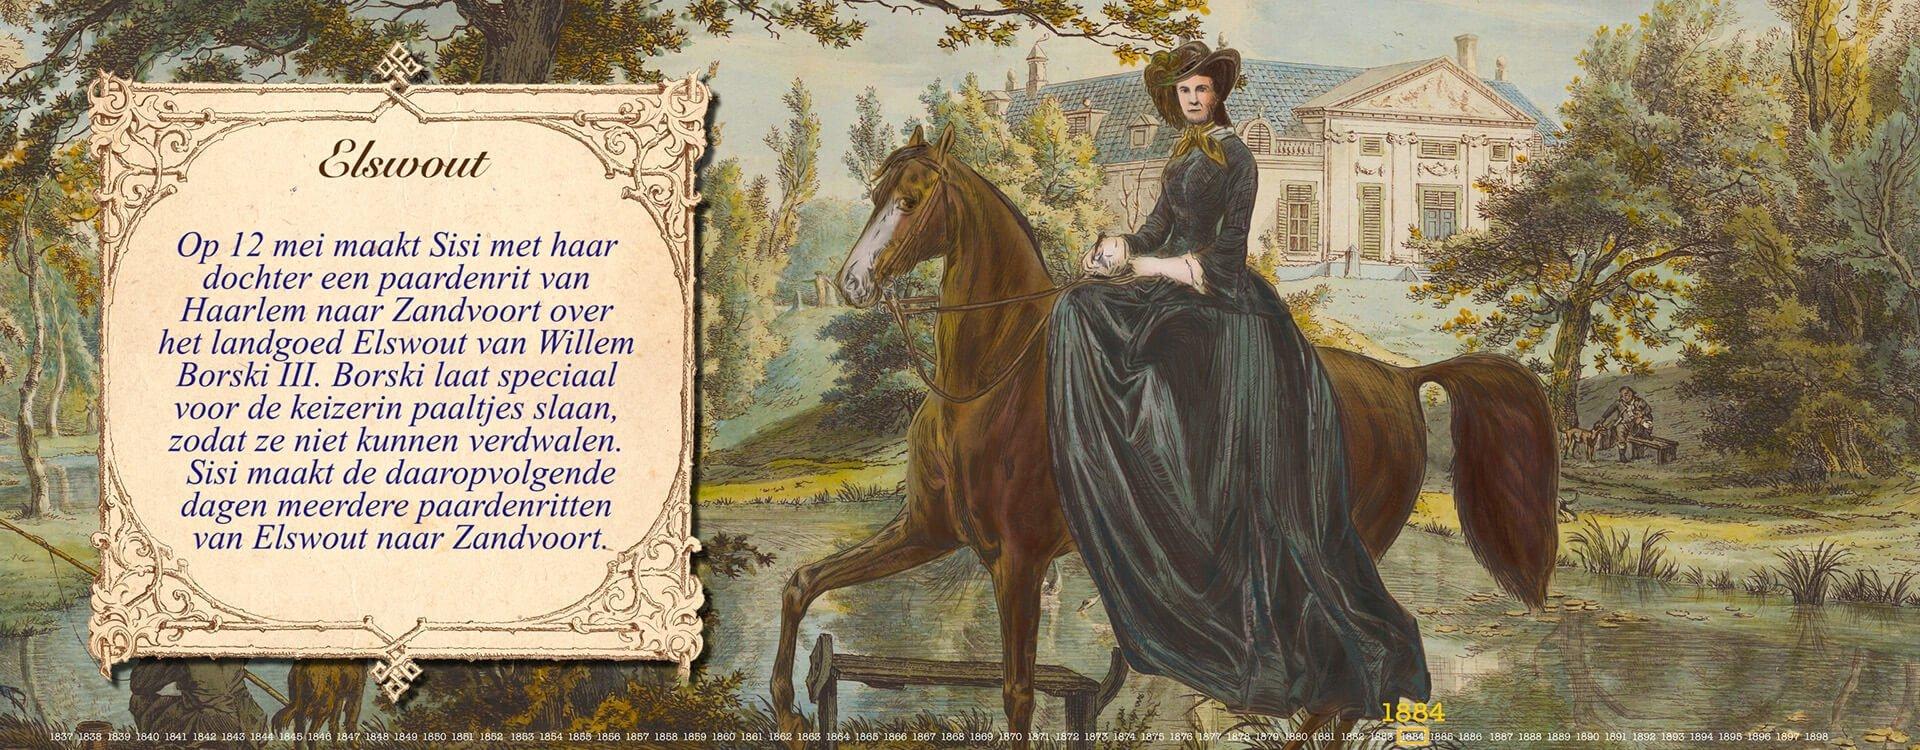 Sisi te paard in Elswout 1884